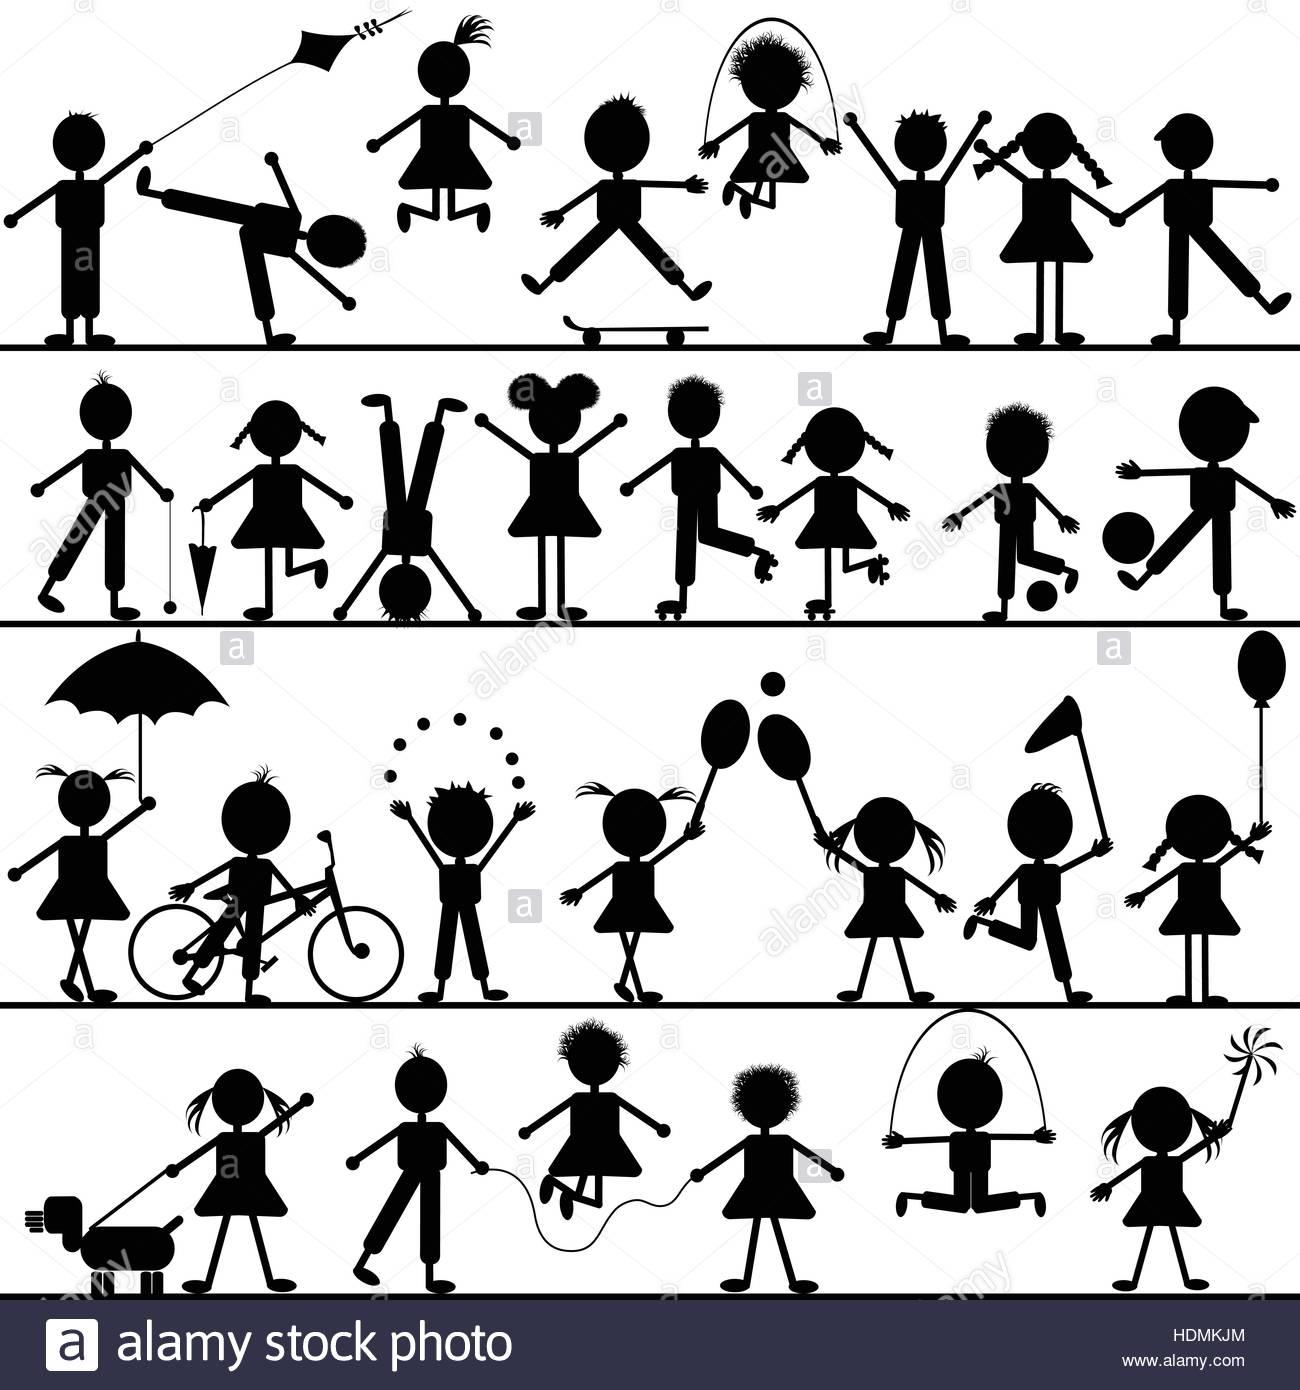 Stilizzata Disegnata A Mano I Bambini Giocando Illustrazione